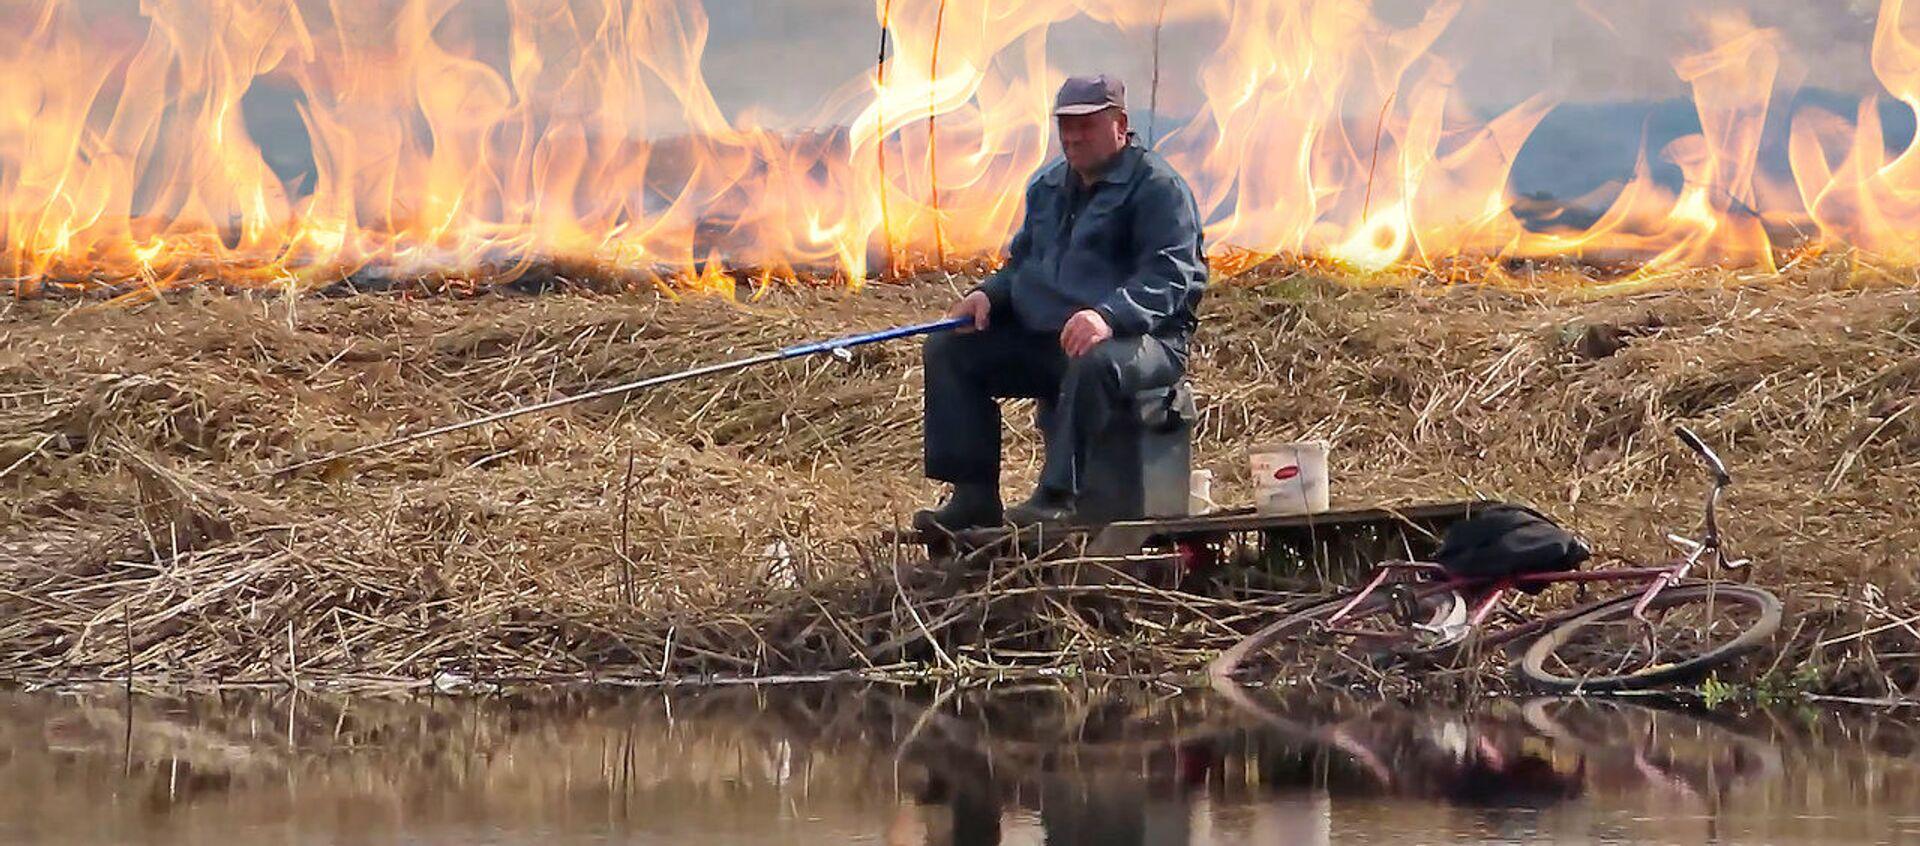 Экстремальную рыбалку во время сильного пожара сняли на видео - Sputnik Беларусь, 1920, 15.04.2021